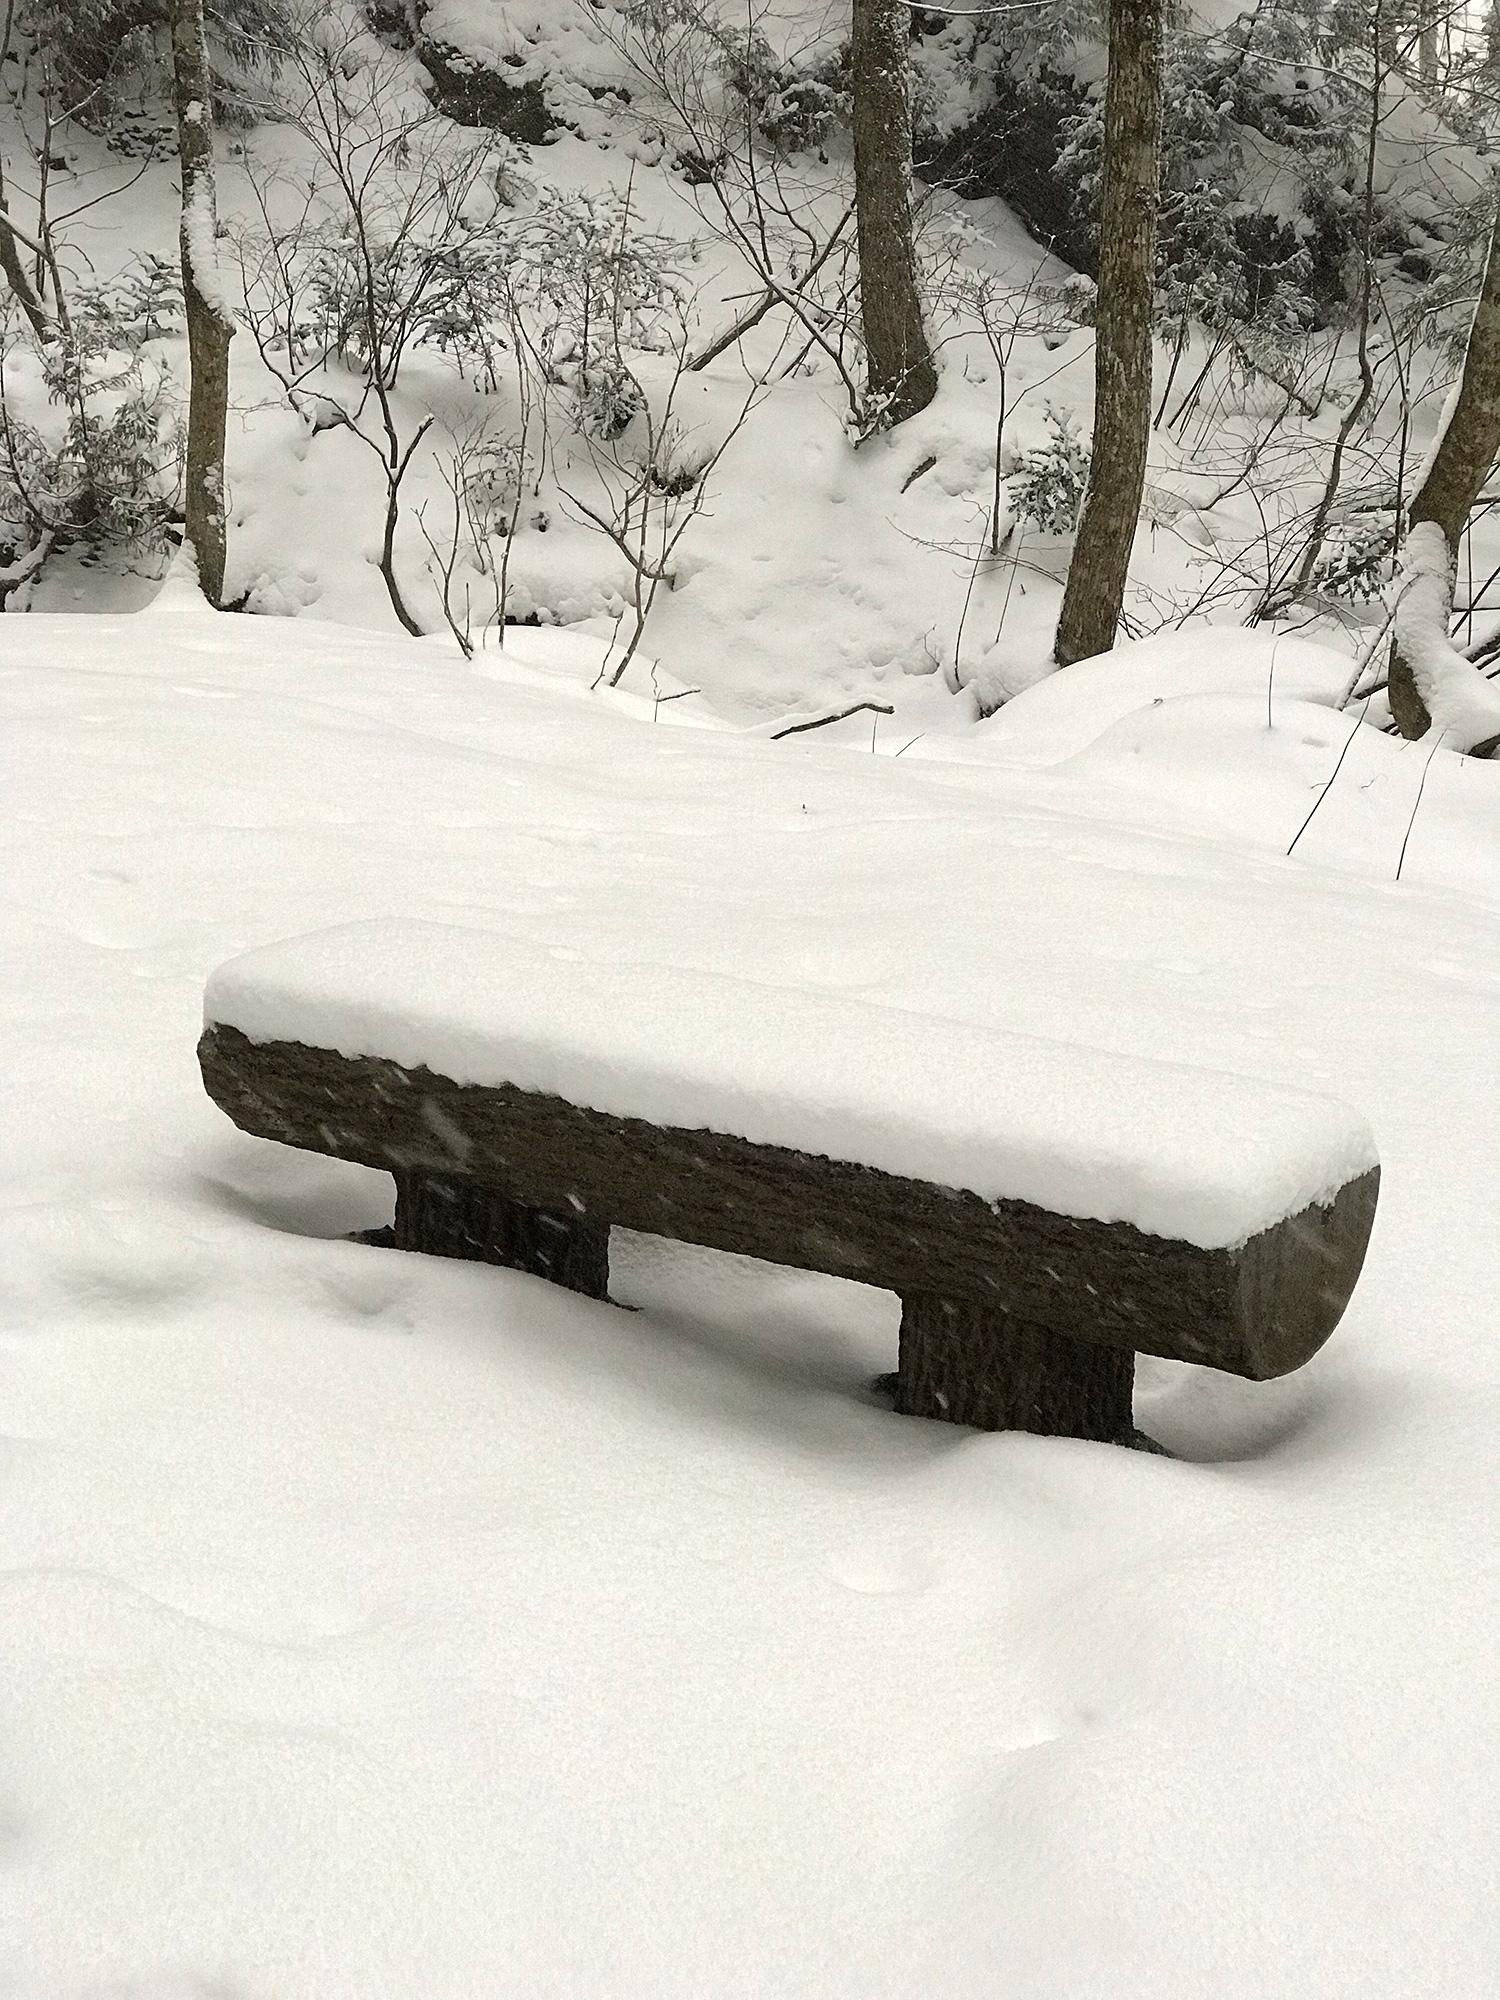 雪の中のベンチのフリー写真素材